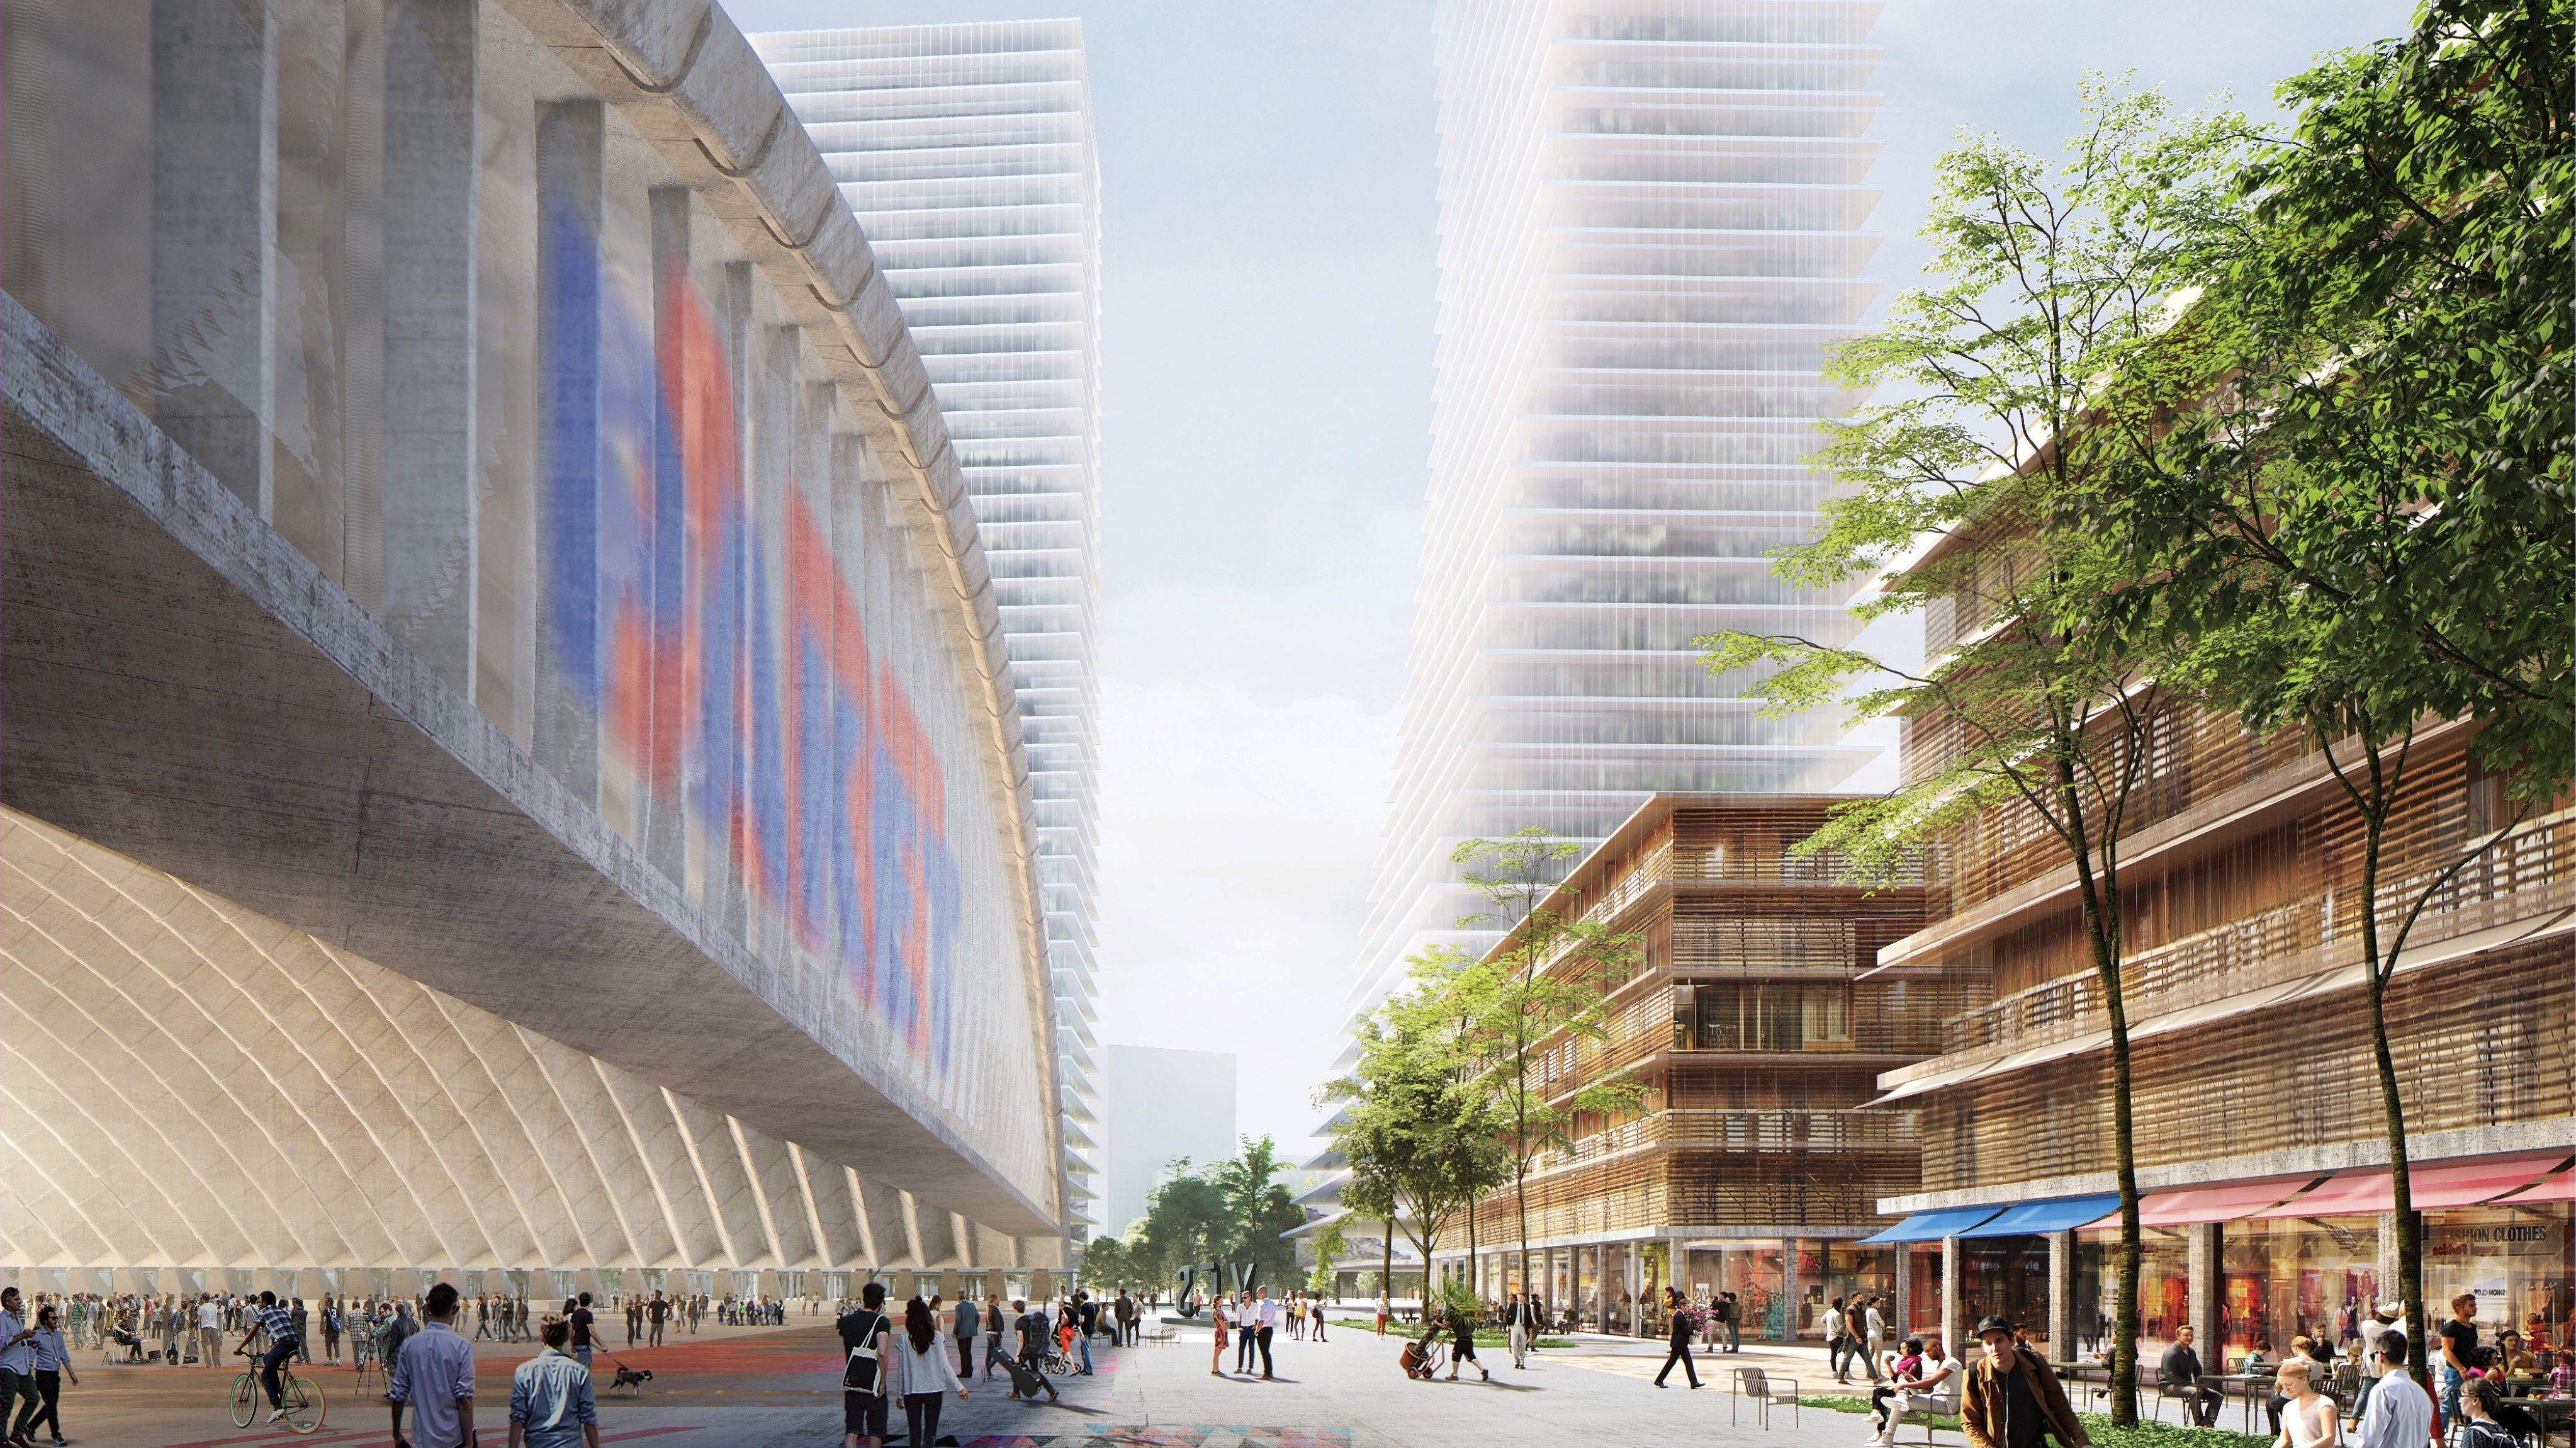 Links die Paketposthalle, dahinter die Hochhäuser. So soll das neue Stadtteilzentrum aussehen.